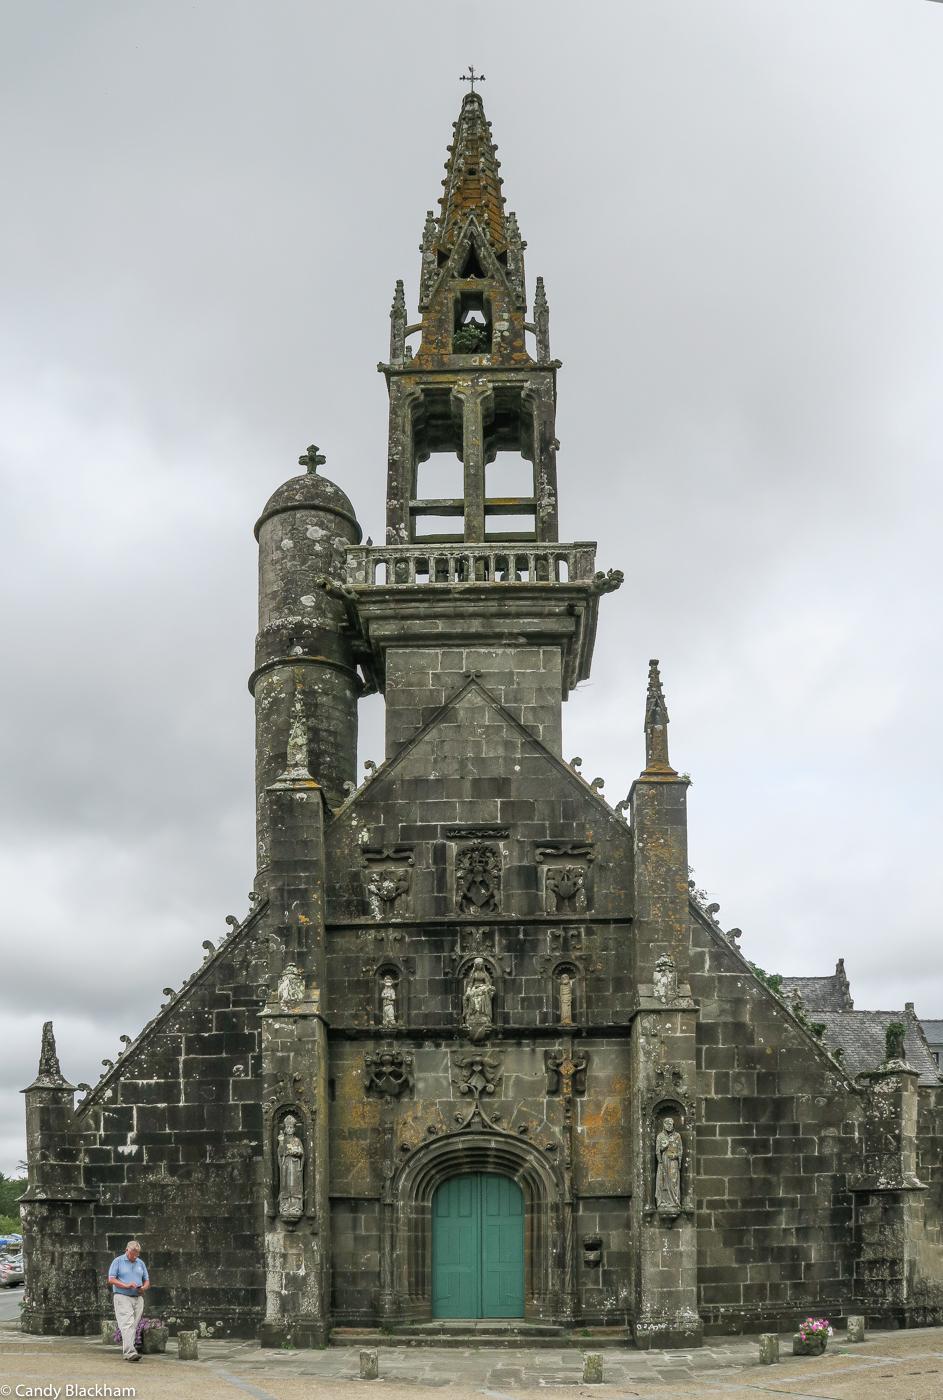 The Church of Notre Dame de Bonne Nouvelle